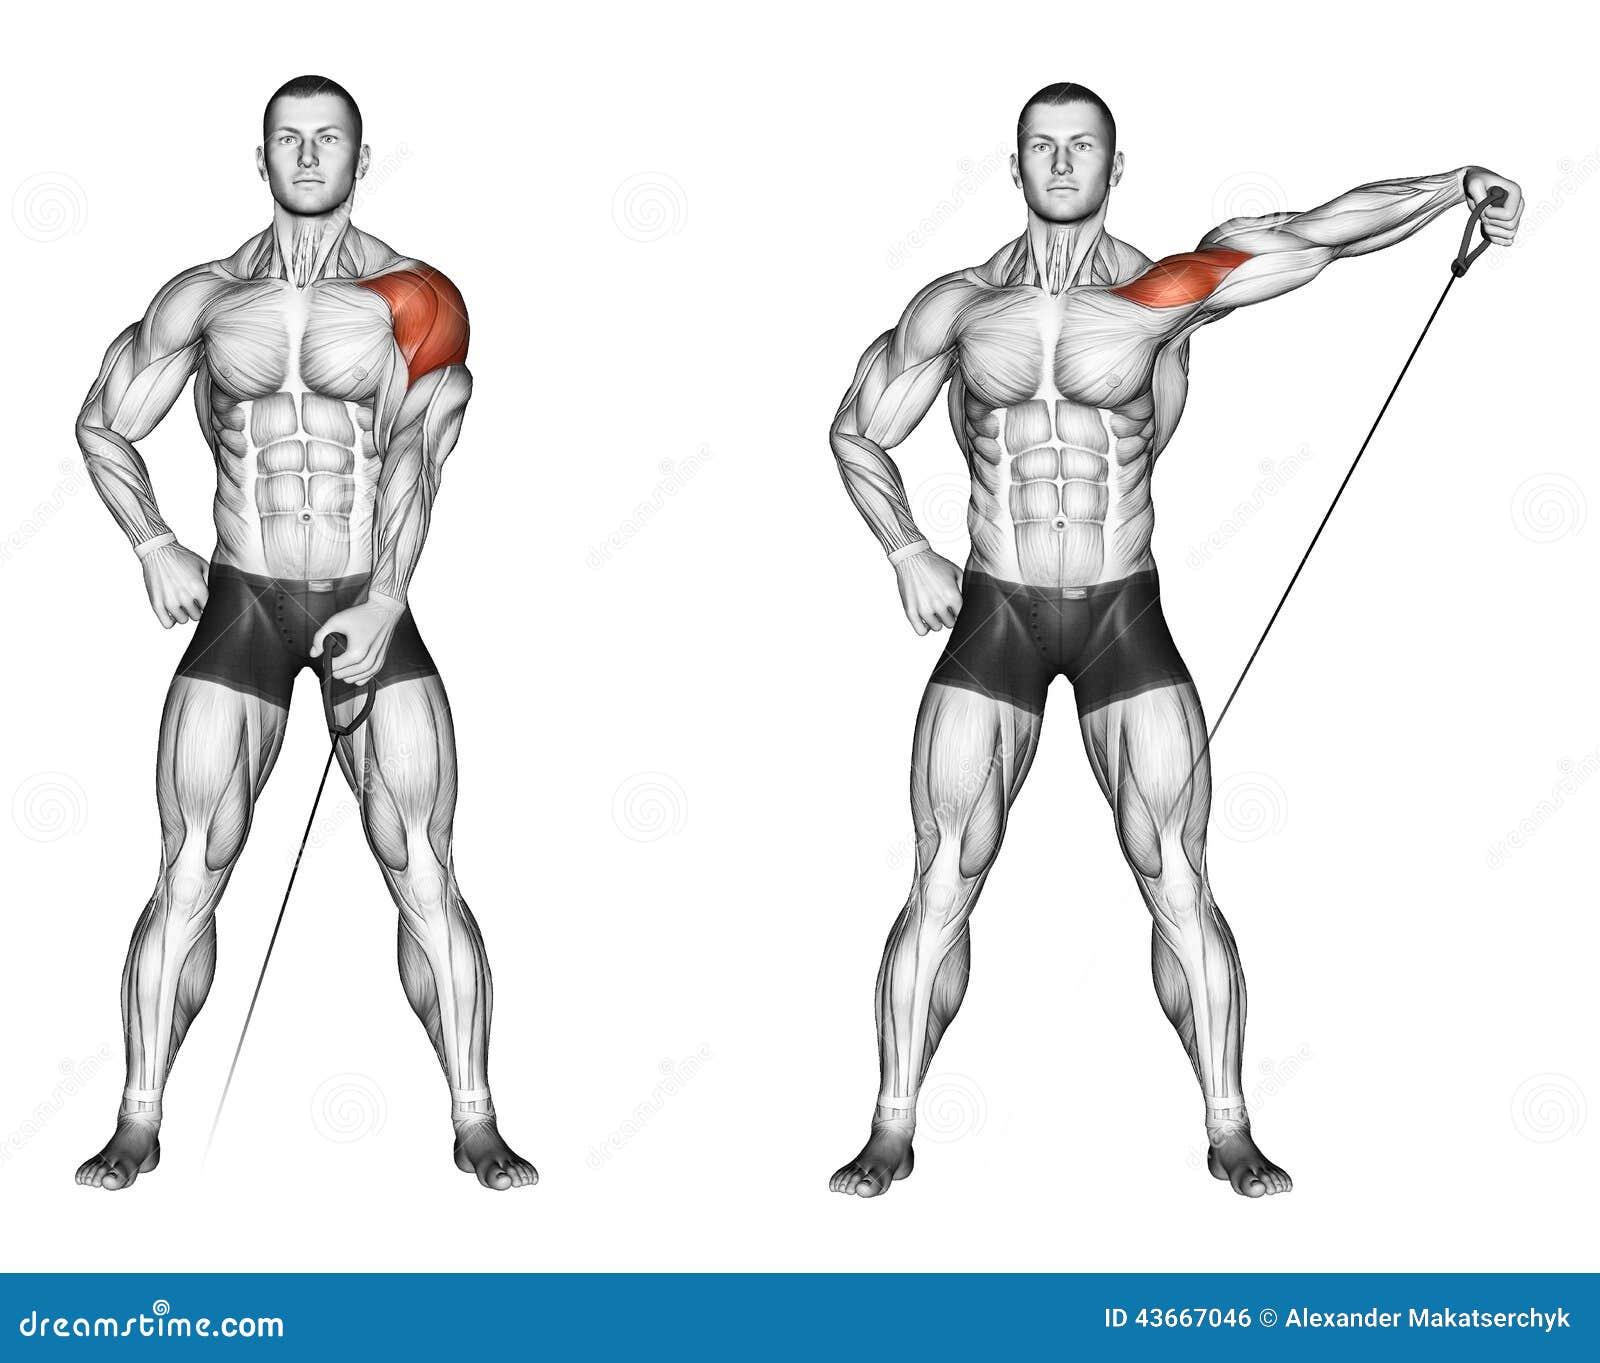 Trainieren Anheben seiner Hände zur Seite mit dem unteren Block